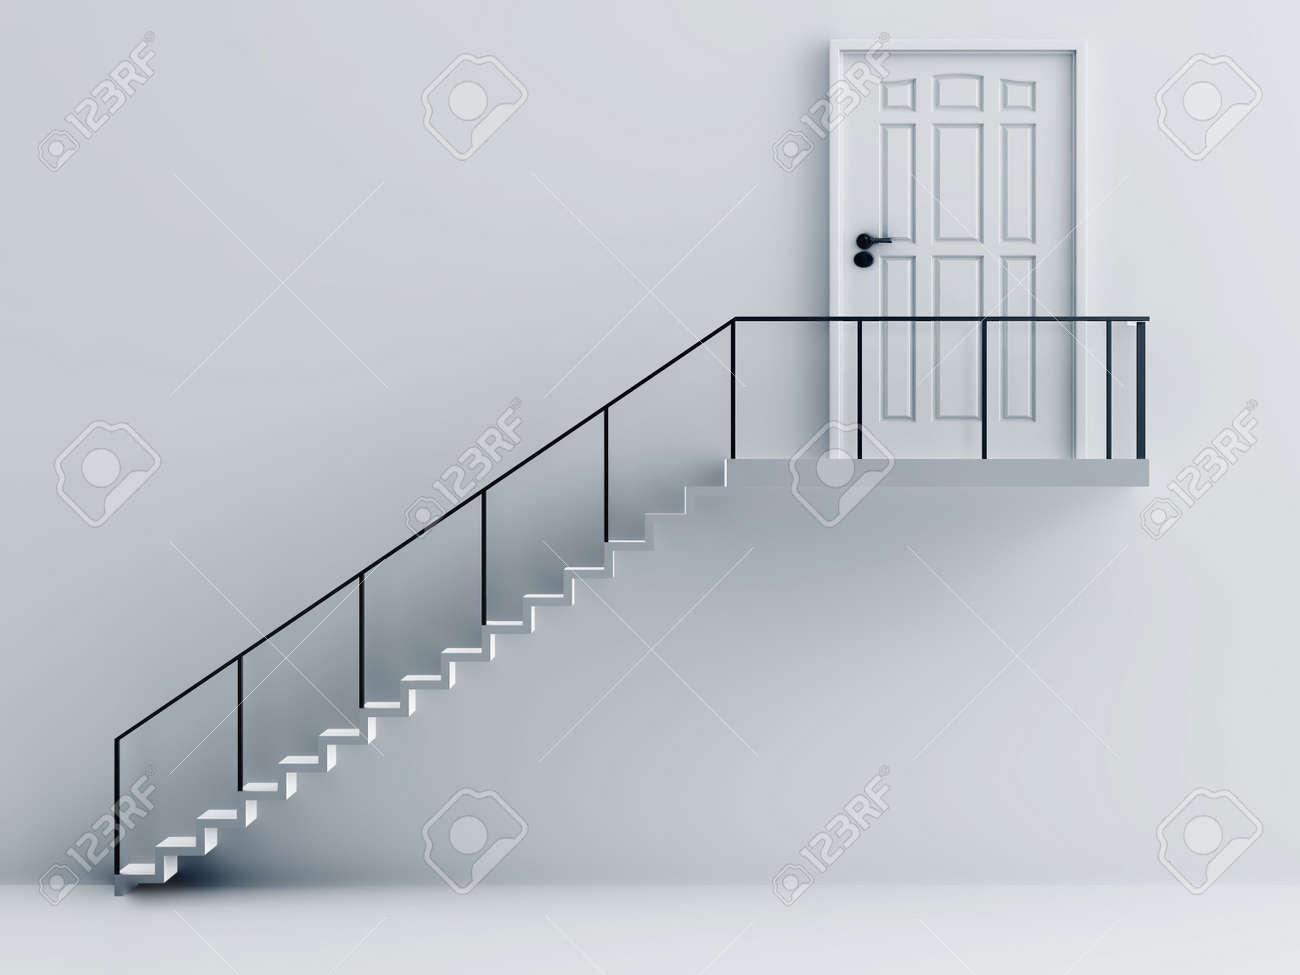 foto de archivo escaleras con barandillas metlicas y la puerta en un fondo una pared blanca